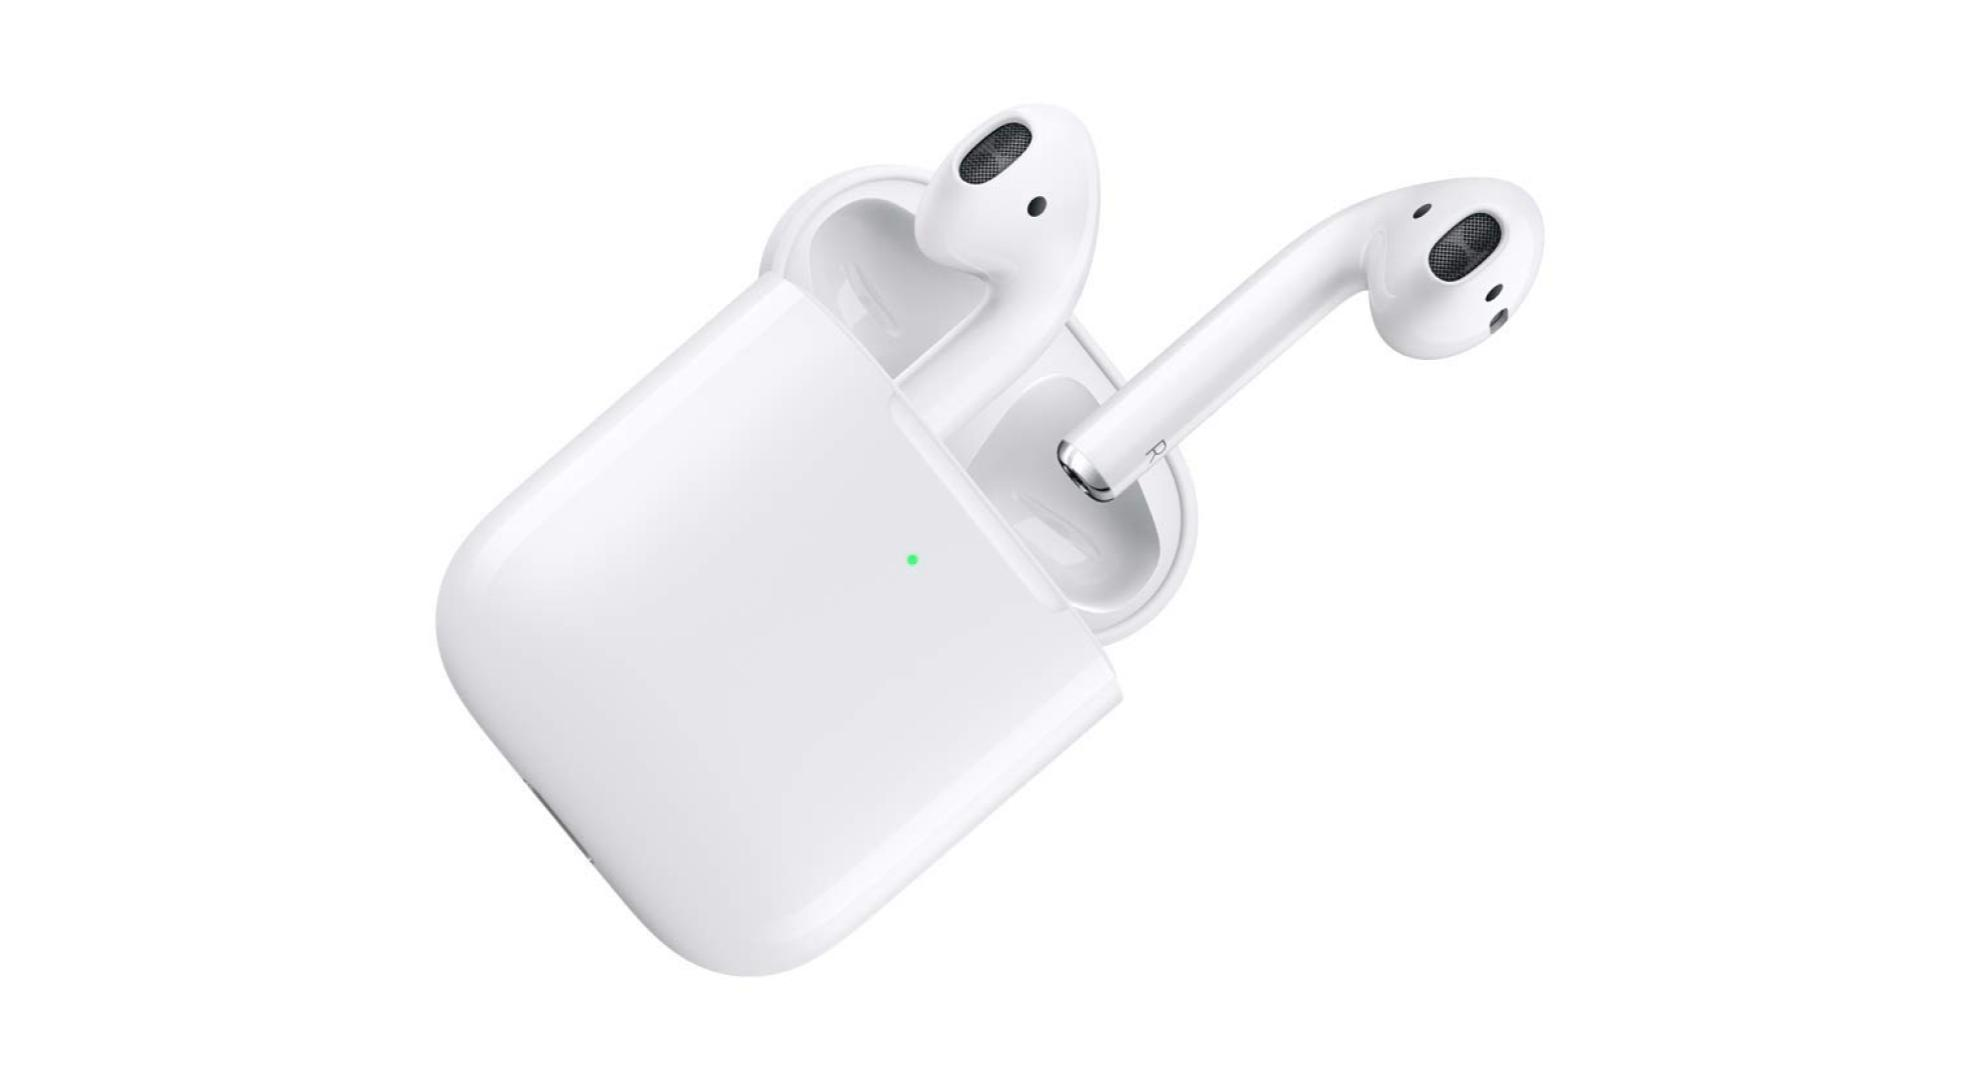 Des Apple Airpods Pro seraient bien prévus fin octobre avec réduction de bruit active